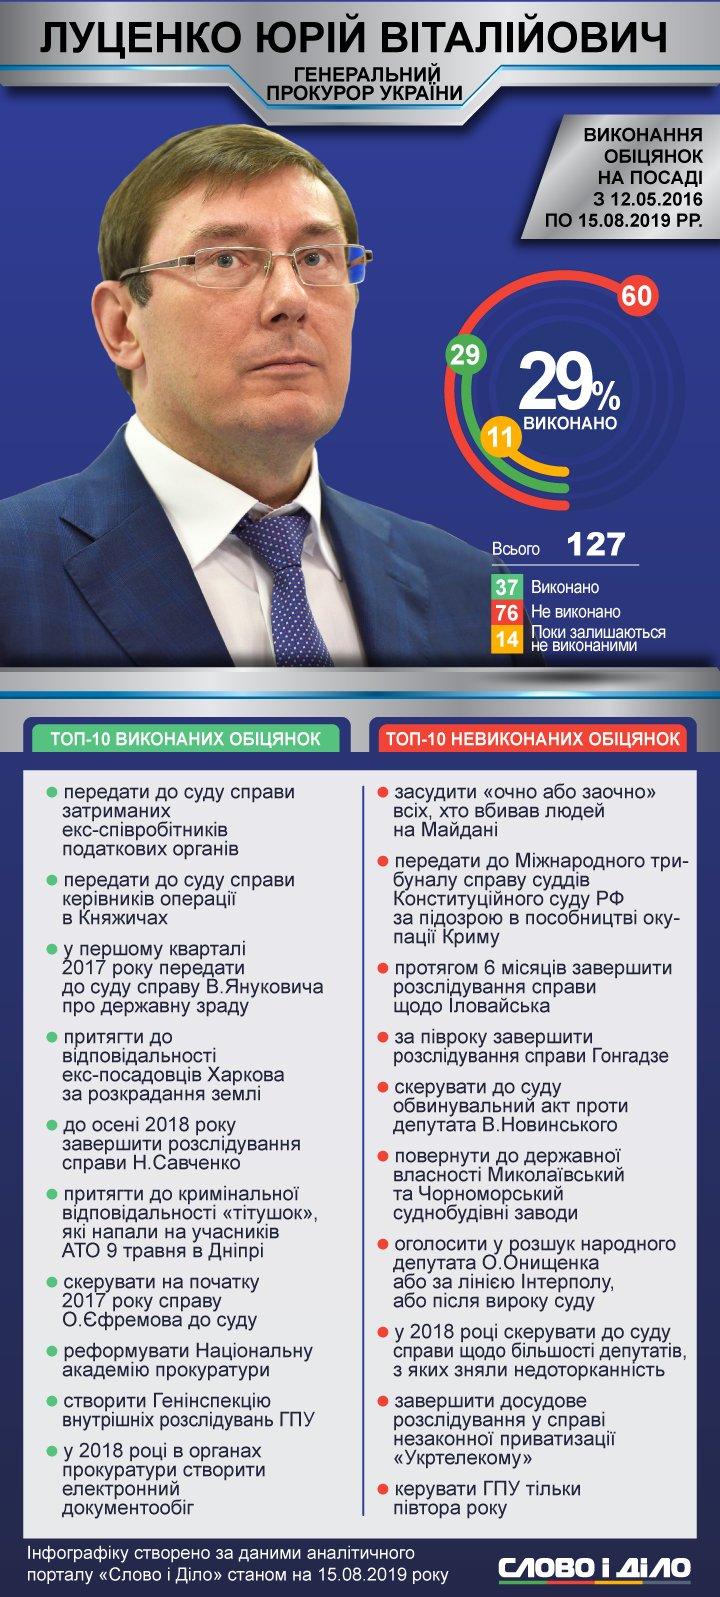 Все показывает на то, что с началом работы новой Рады генпрокурора Луценко отправят в отставку. Мы посмотрели, что политику удалось, а что не совсем за время этой каденции.